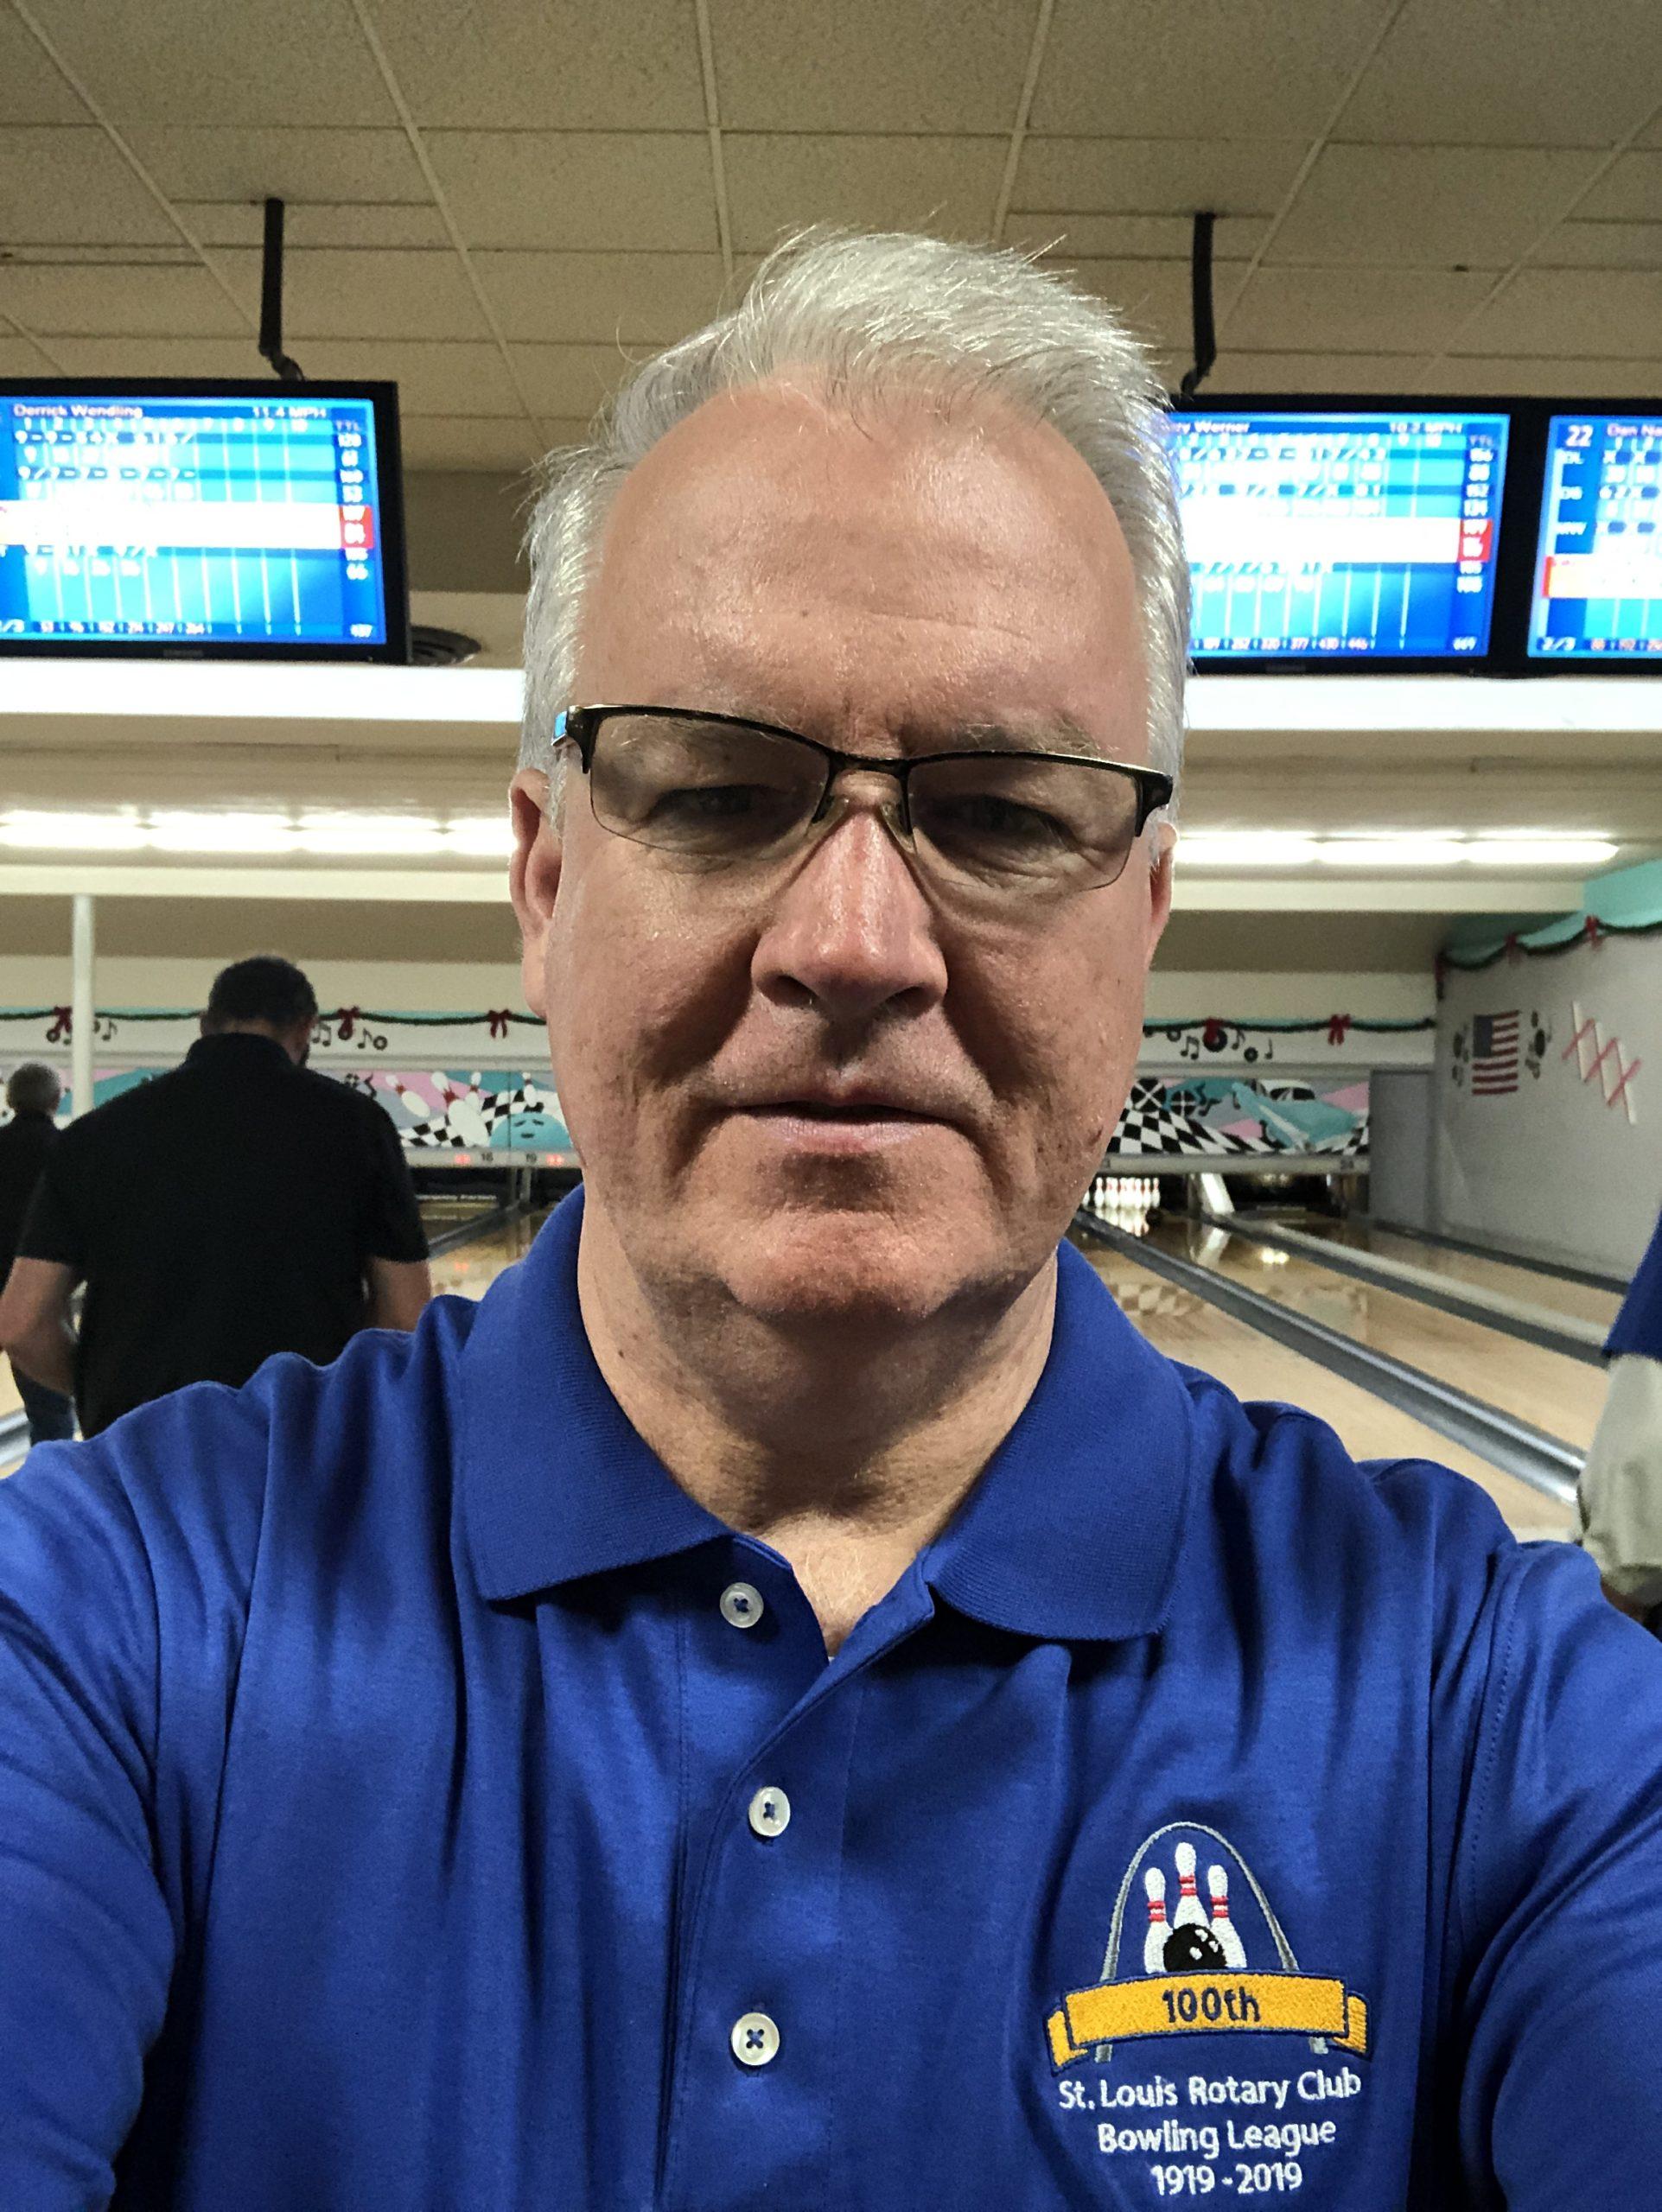 Ralph Decker, Bowling League President